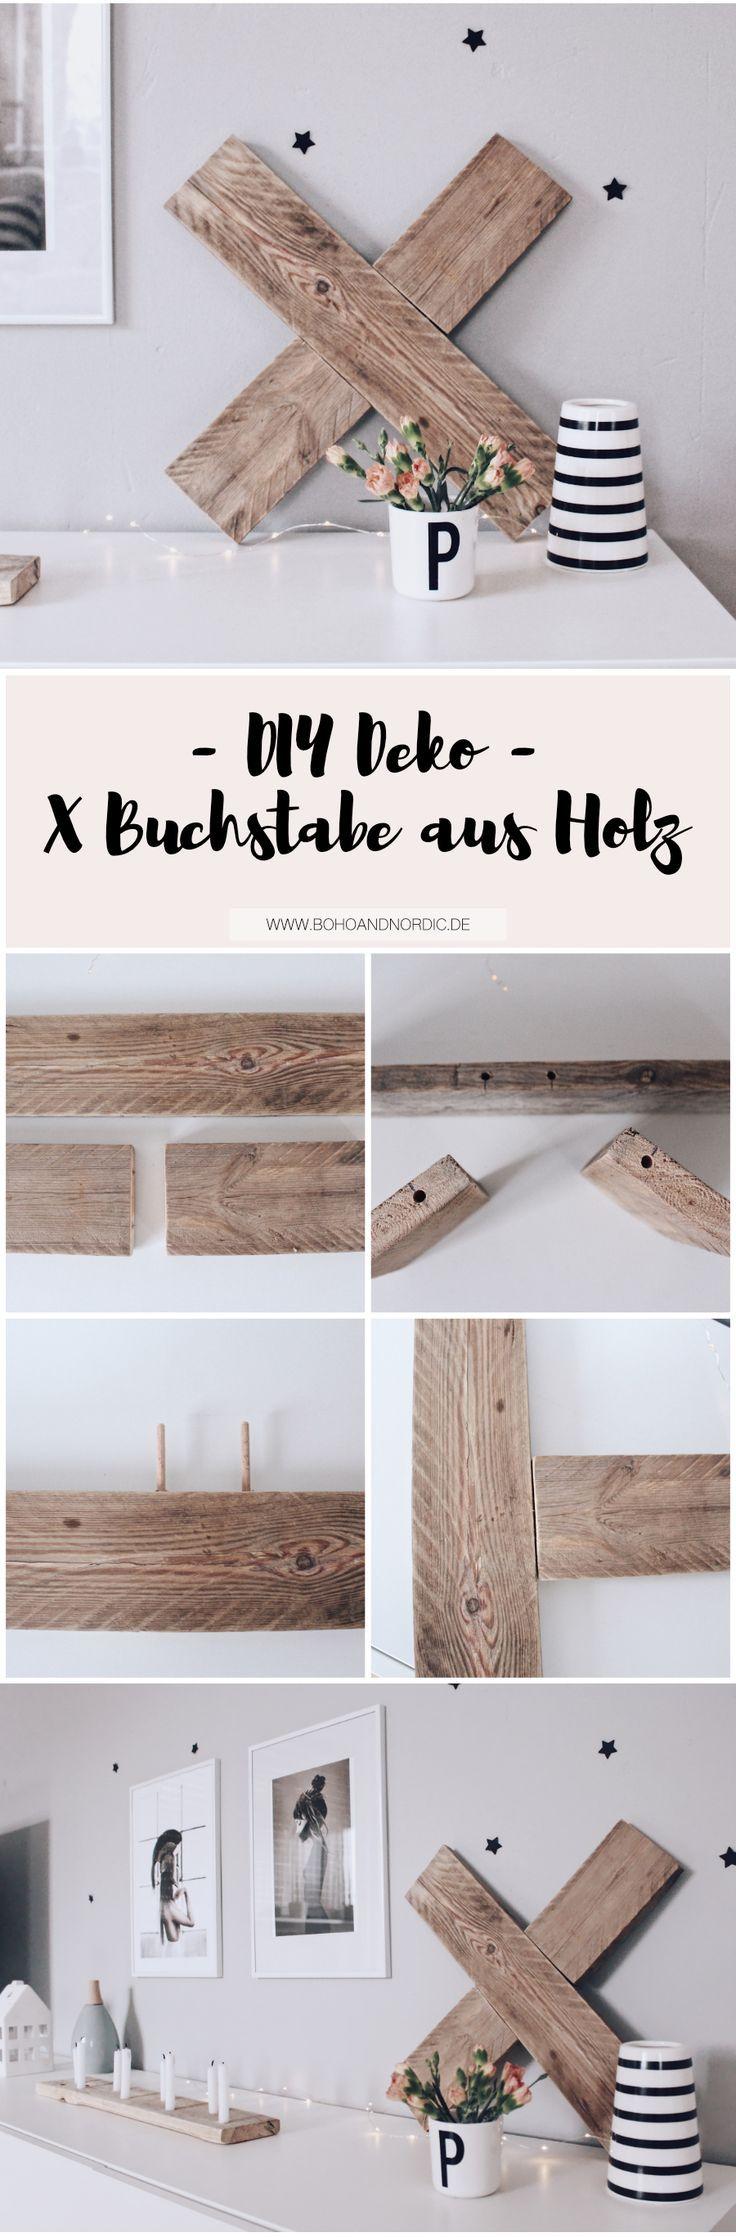 DIY Deko Aus Holz   X Buchstabe Aus Holz Selber Machen. Basteln Mit Holz.